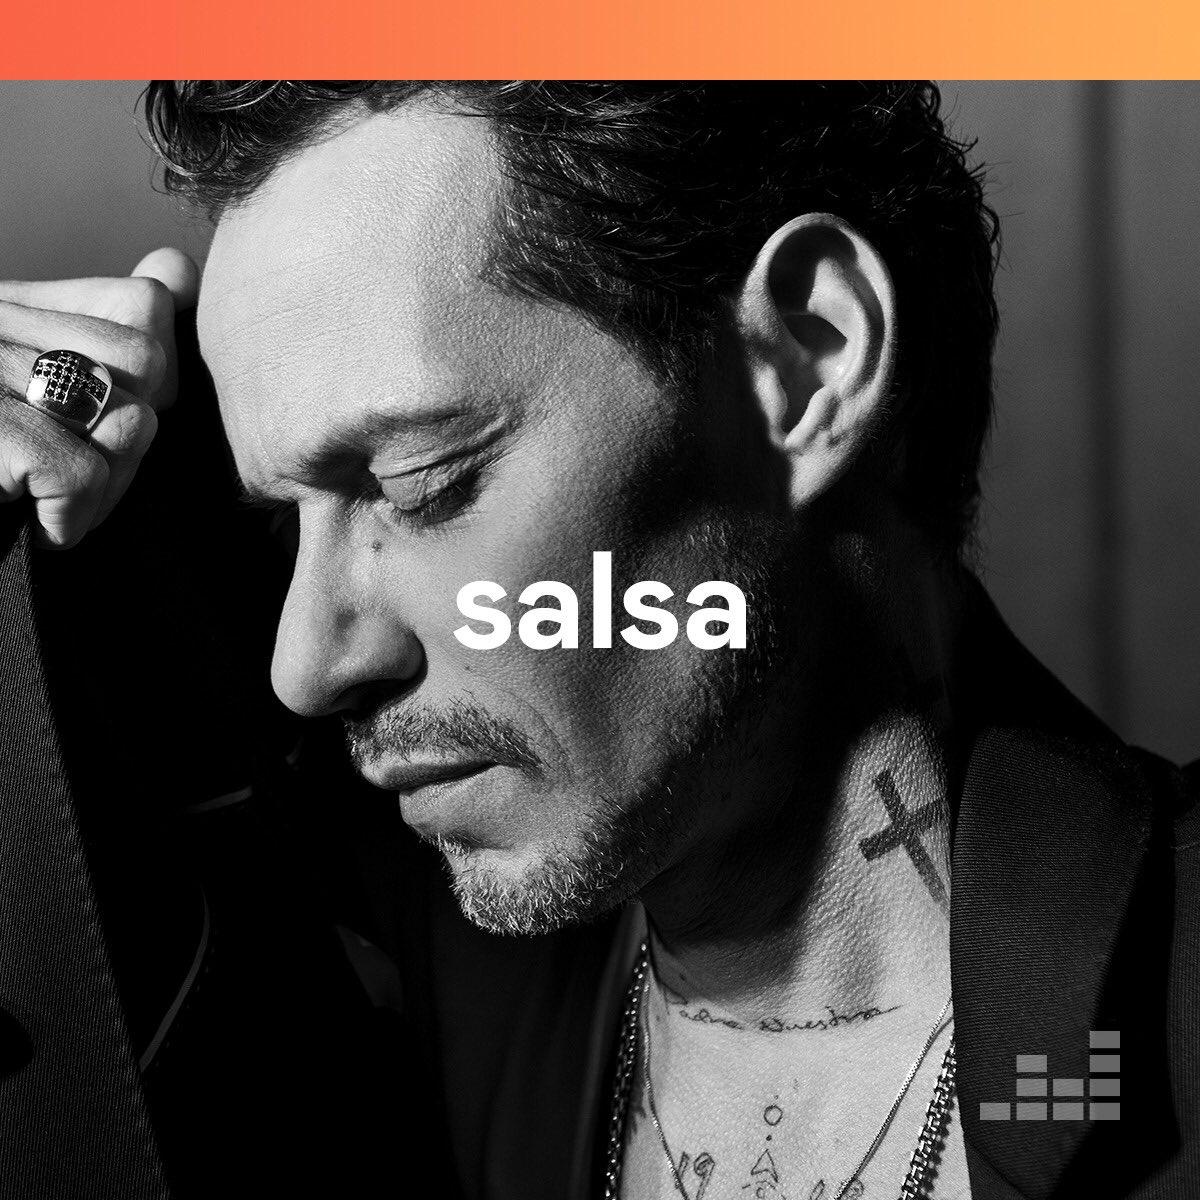 Todos a bailar #Salsa de la buena en @deezerlatino #OPUS Haz clic -> https://t.co/HaN61qxgJm https://t.co/IBbdW6iFfS